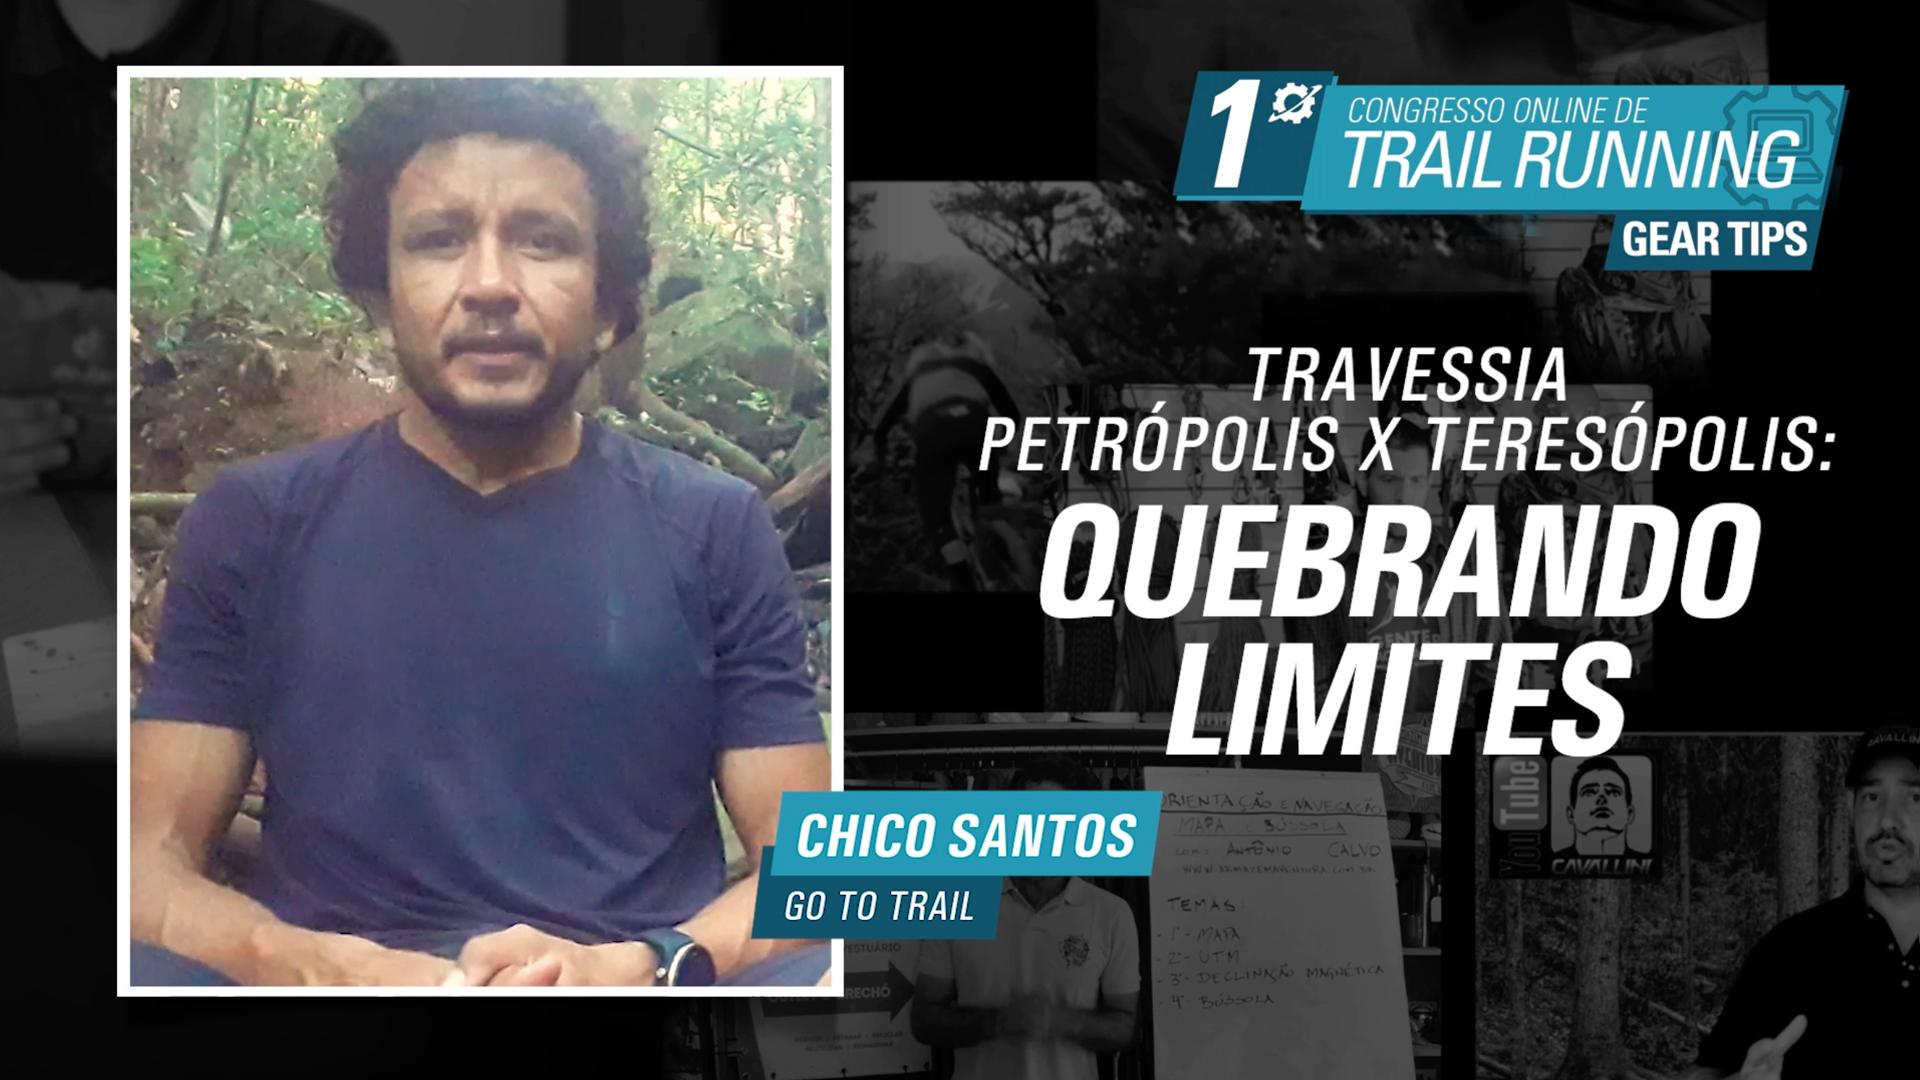 Travessia Petrópolis x Teresópolis - Quebrando Limites - Chico Santos